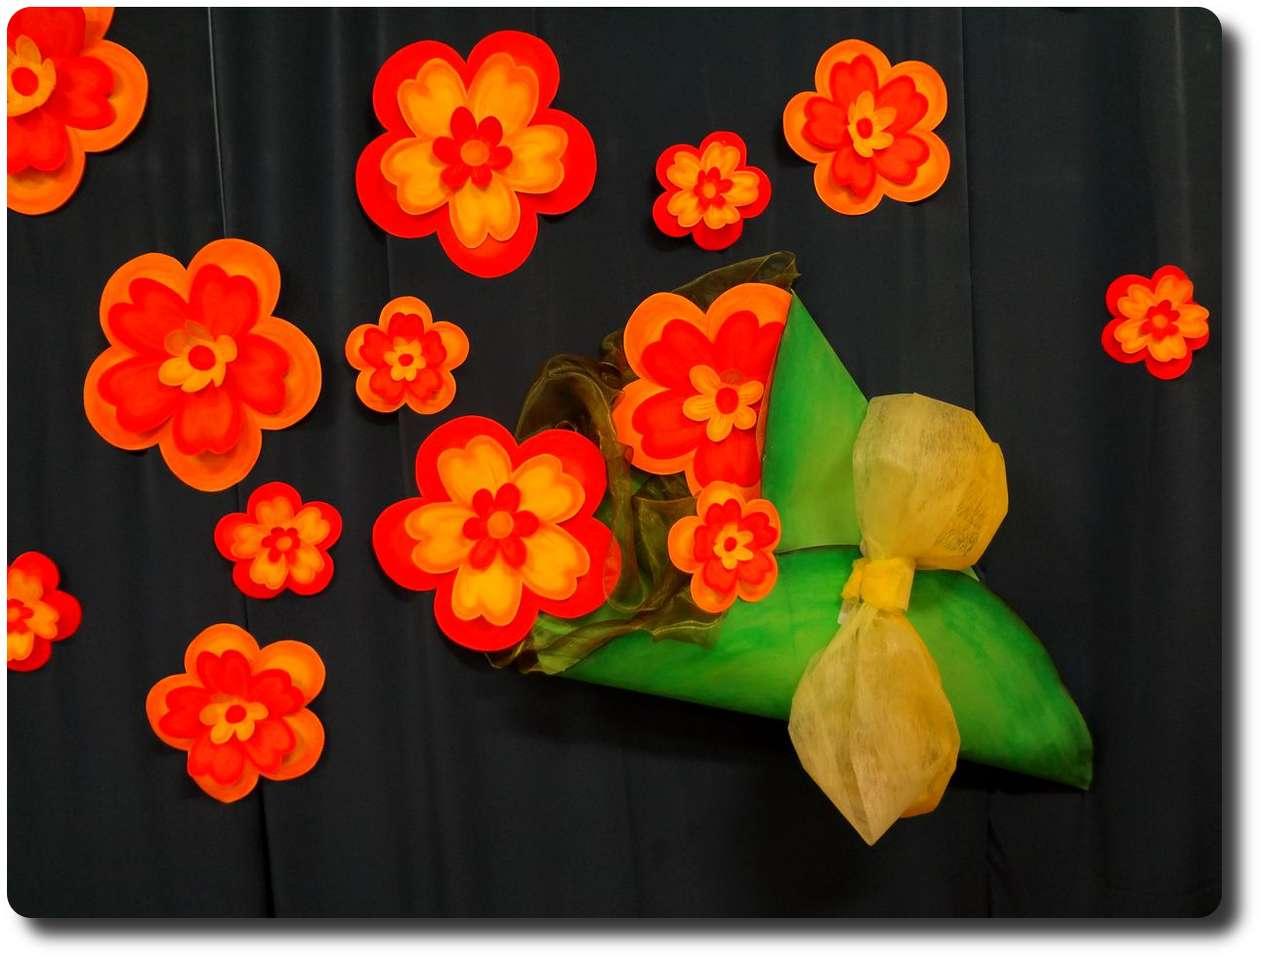 Dzień Babci i Dziadka - Laurka dla Babci i Dziadka, kolorowe kwiatki (3×3)